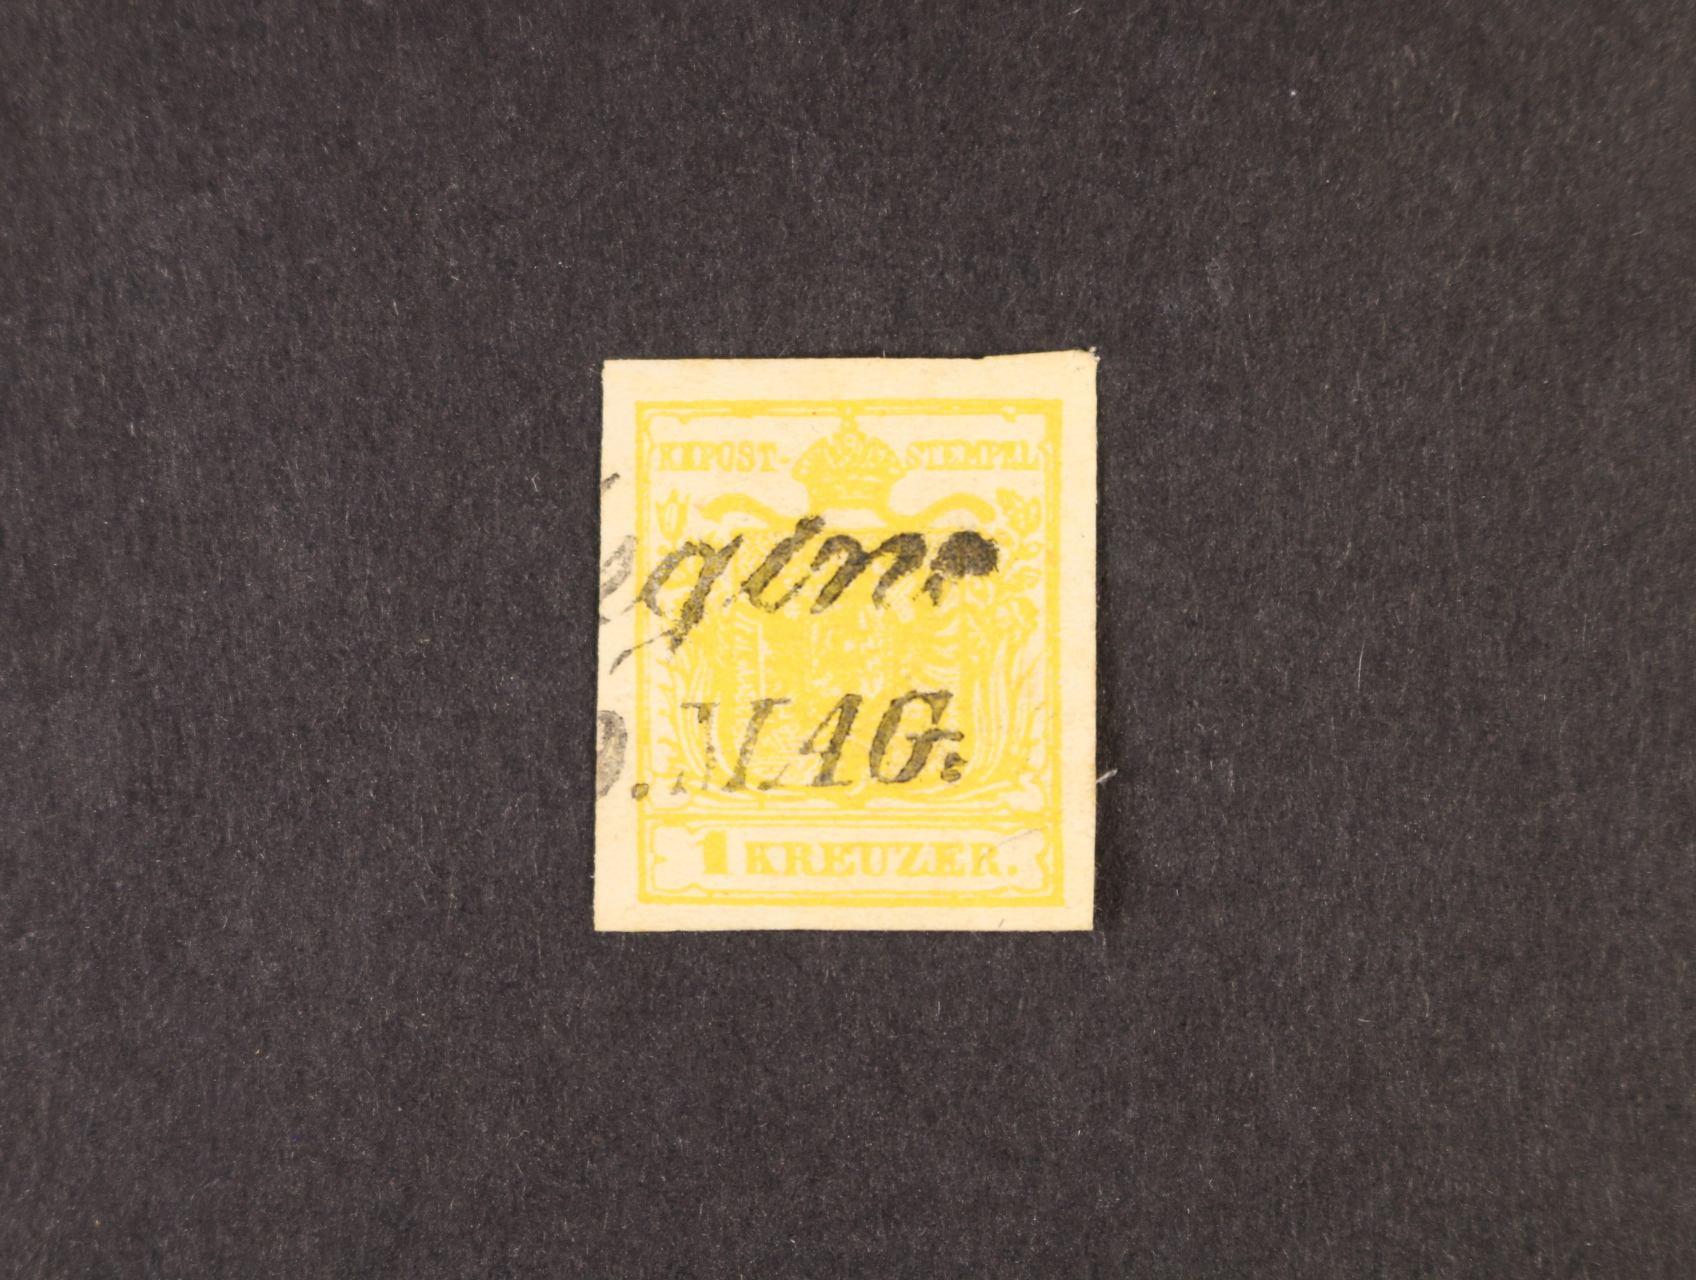 zn. Fe. č. 1 MP, typ III, velmi pěkný střih